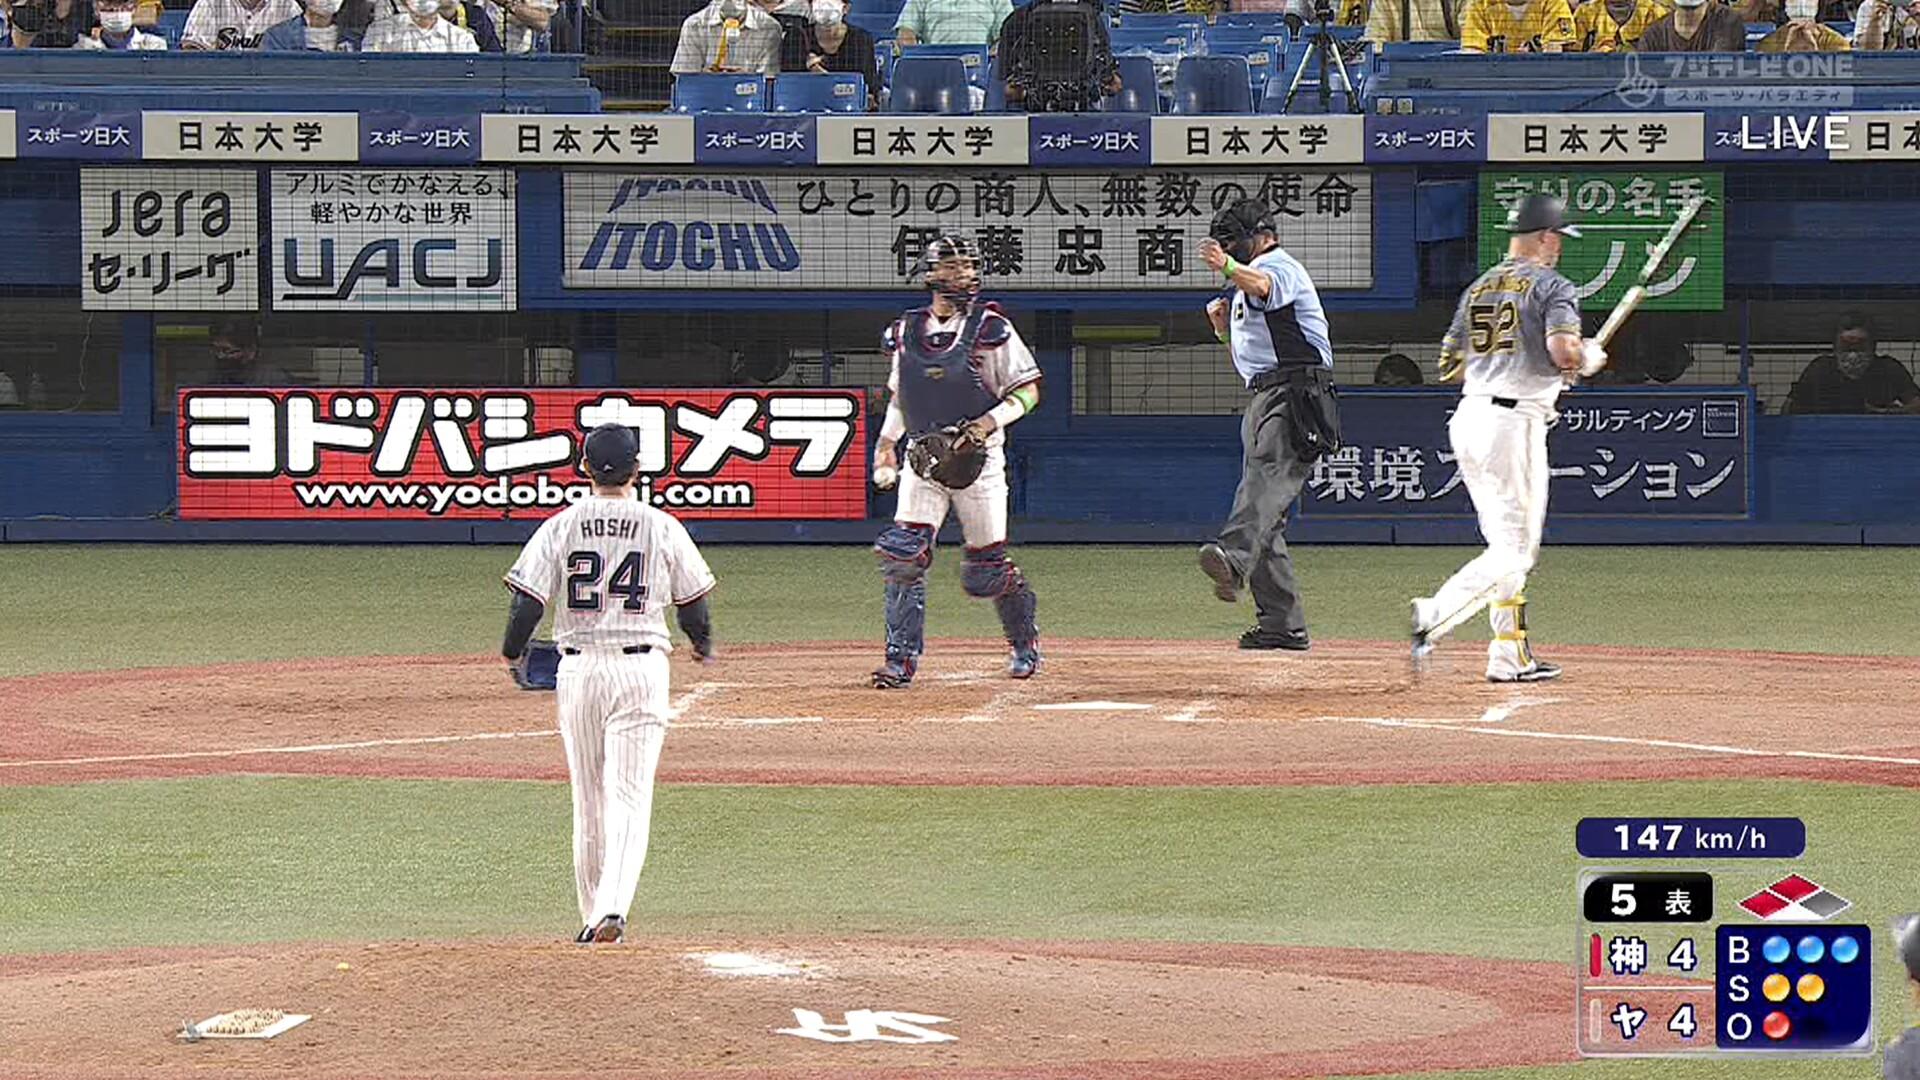 阪神タイガース 本日の得点圏打率10-1(.100)